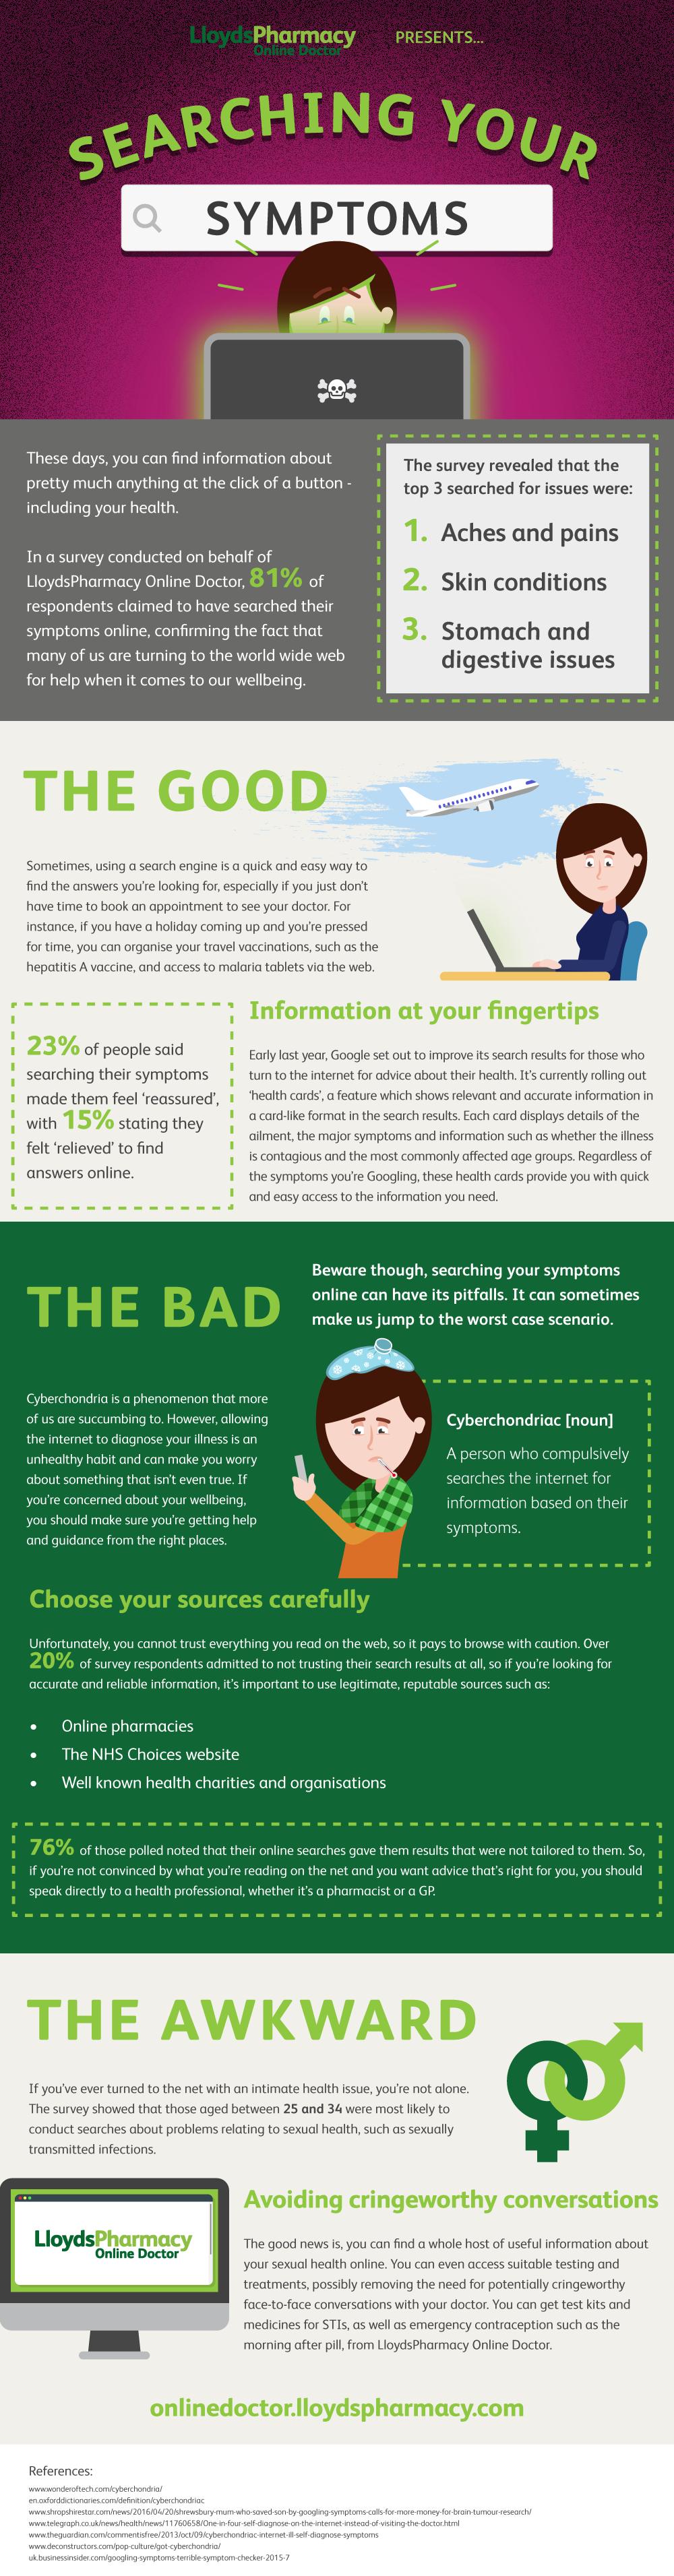 Searching your symptoms #SearchingSymptoms